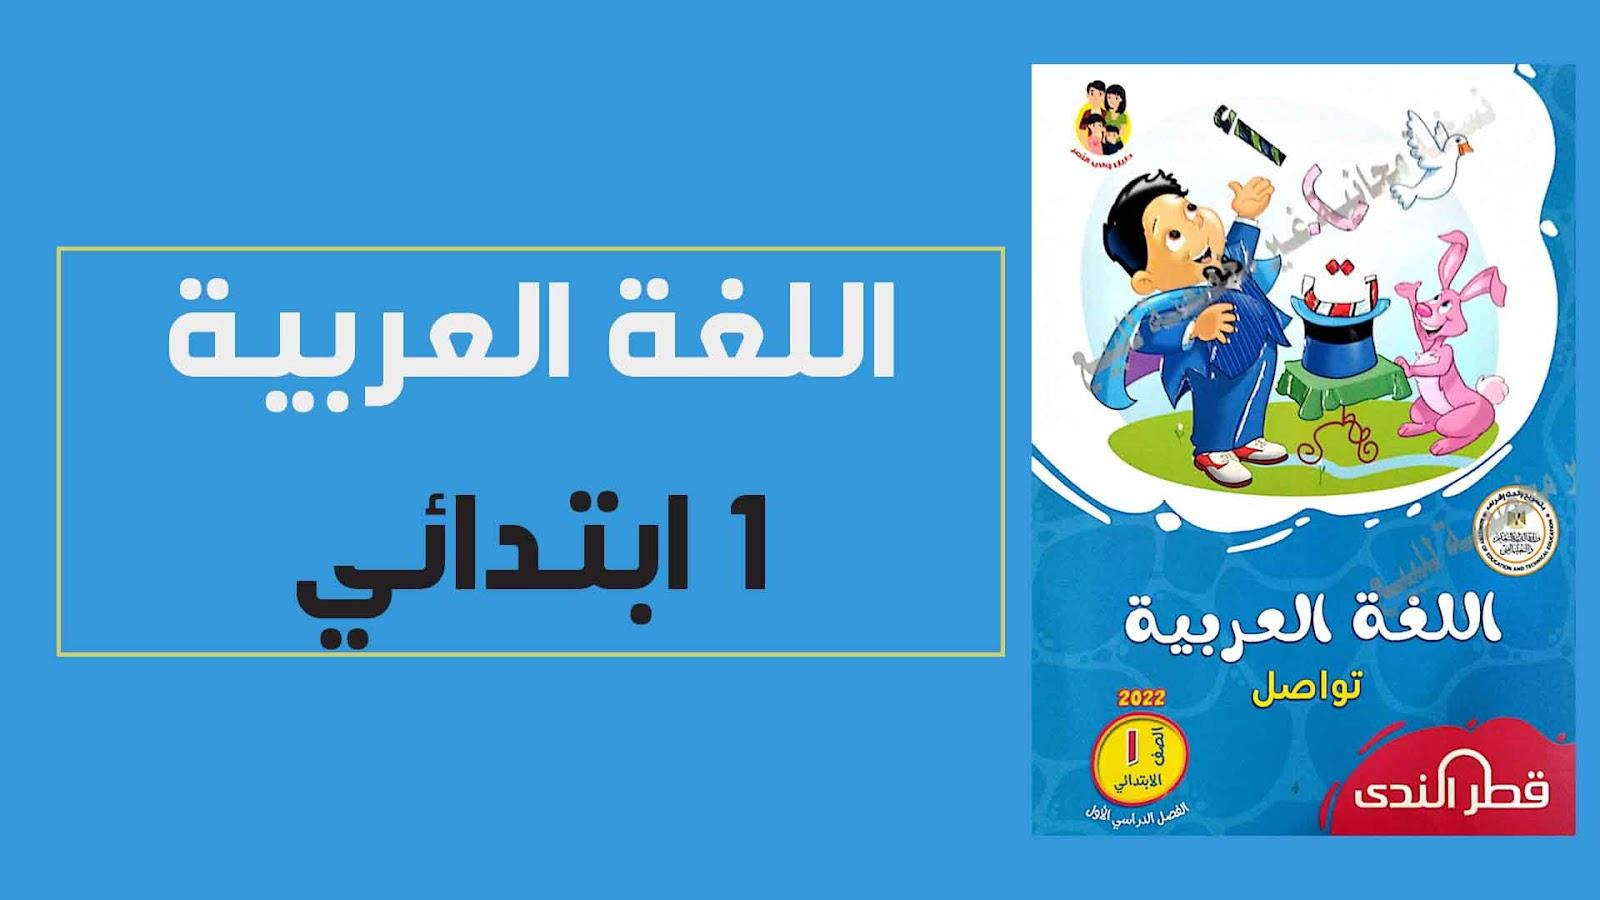 تحميل كتاب قطر الندى فى اللغة العربية للصف الاول الابتدائي الترم الاول 2022 (النسخة الجديدة)